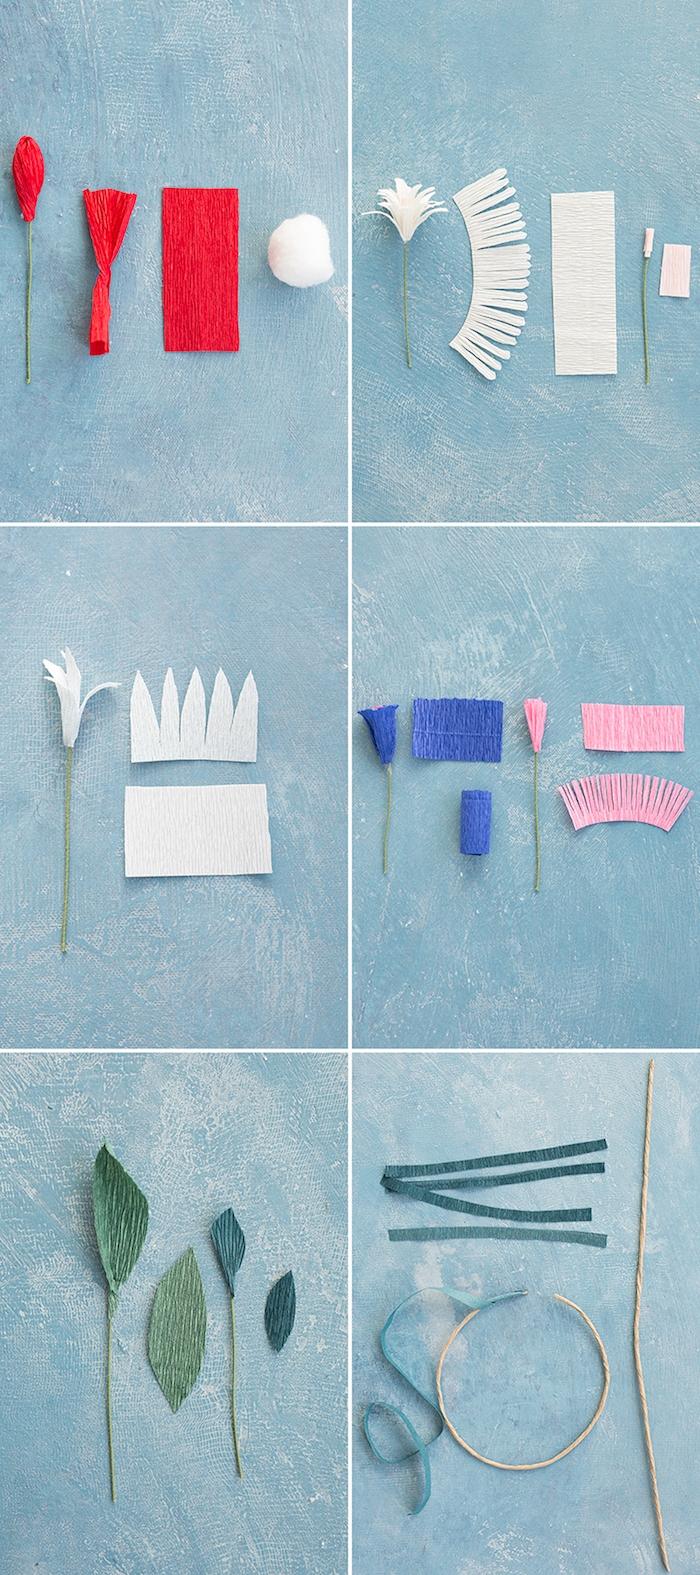 des techniques simples pour faire une fleur en papier crepon soi meme, bandes de papier frangées et non frangées